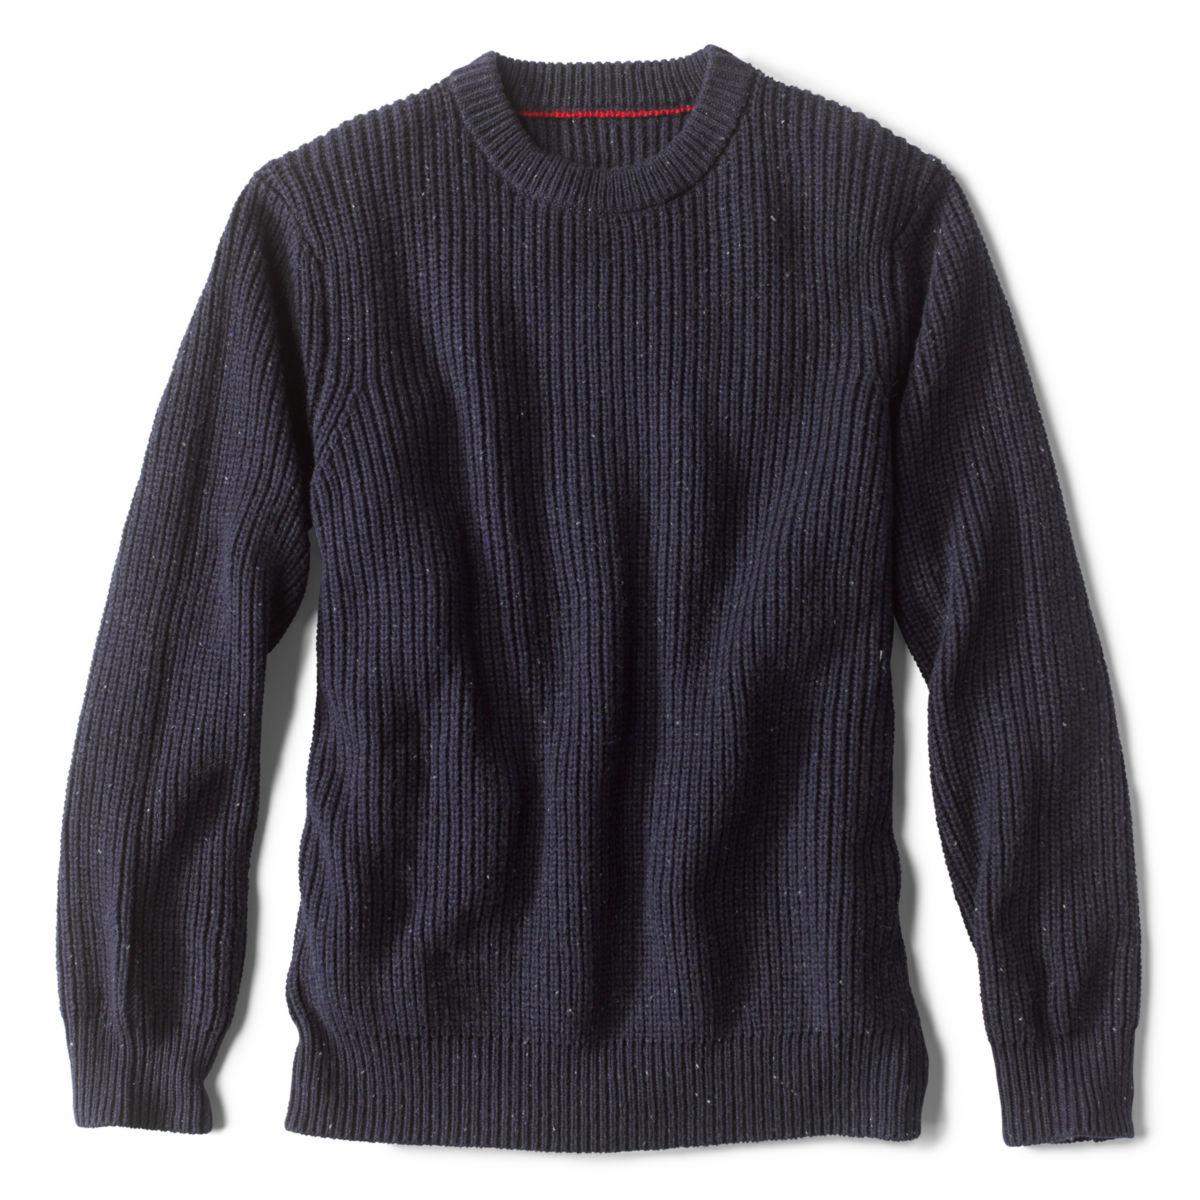 Chesapeake Shaker Crew Sweater - image number 0